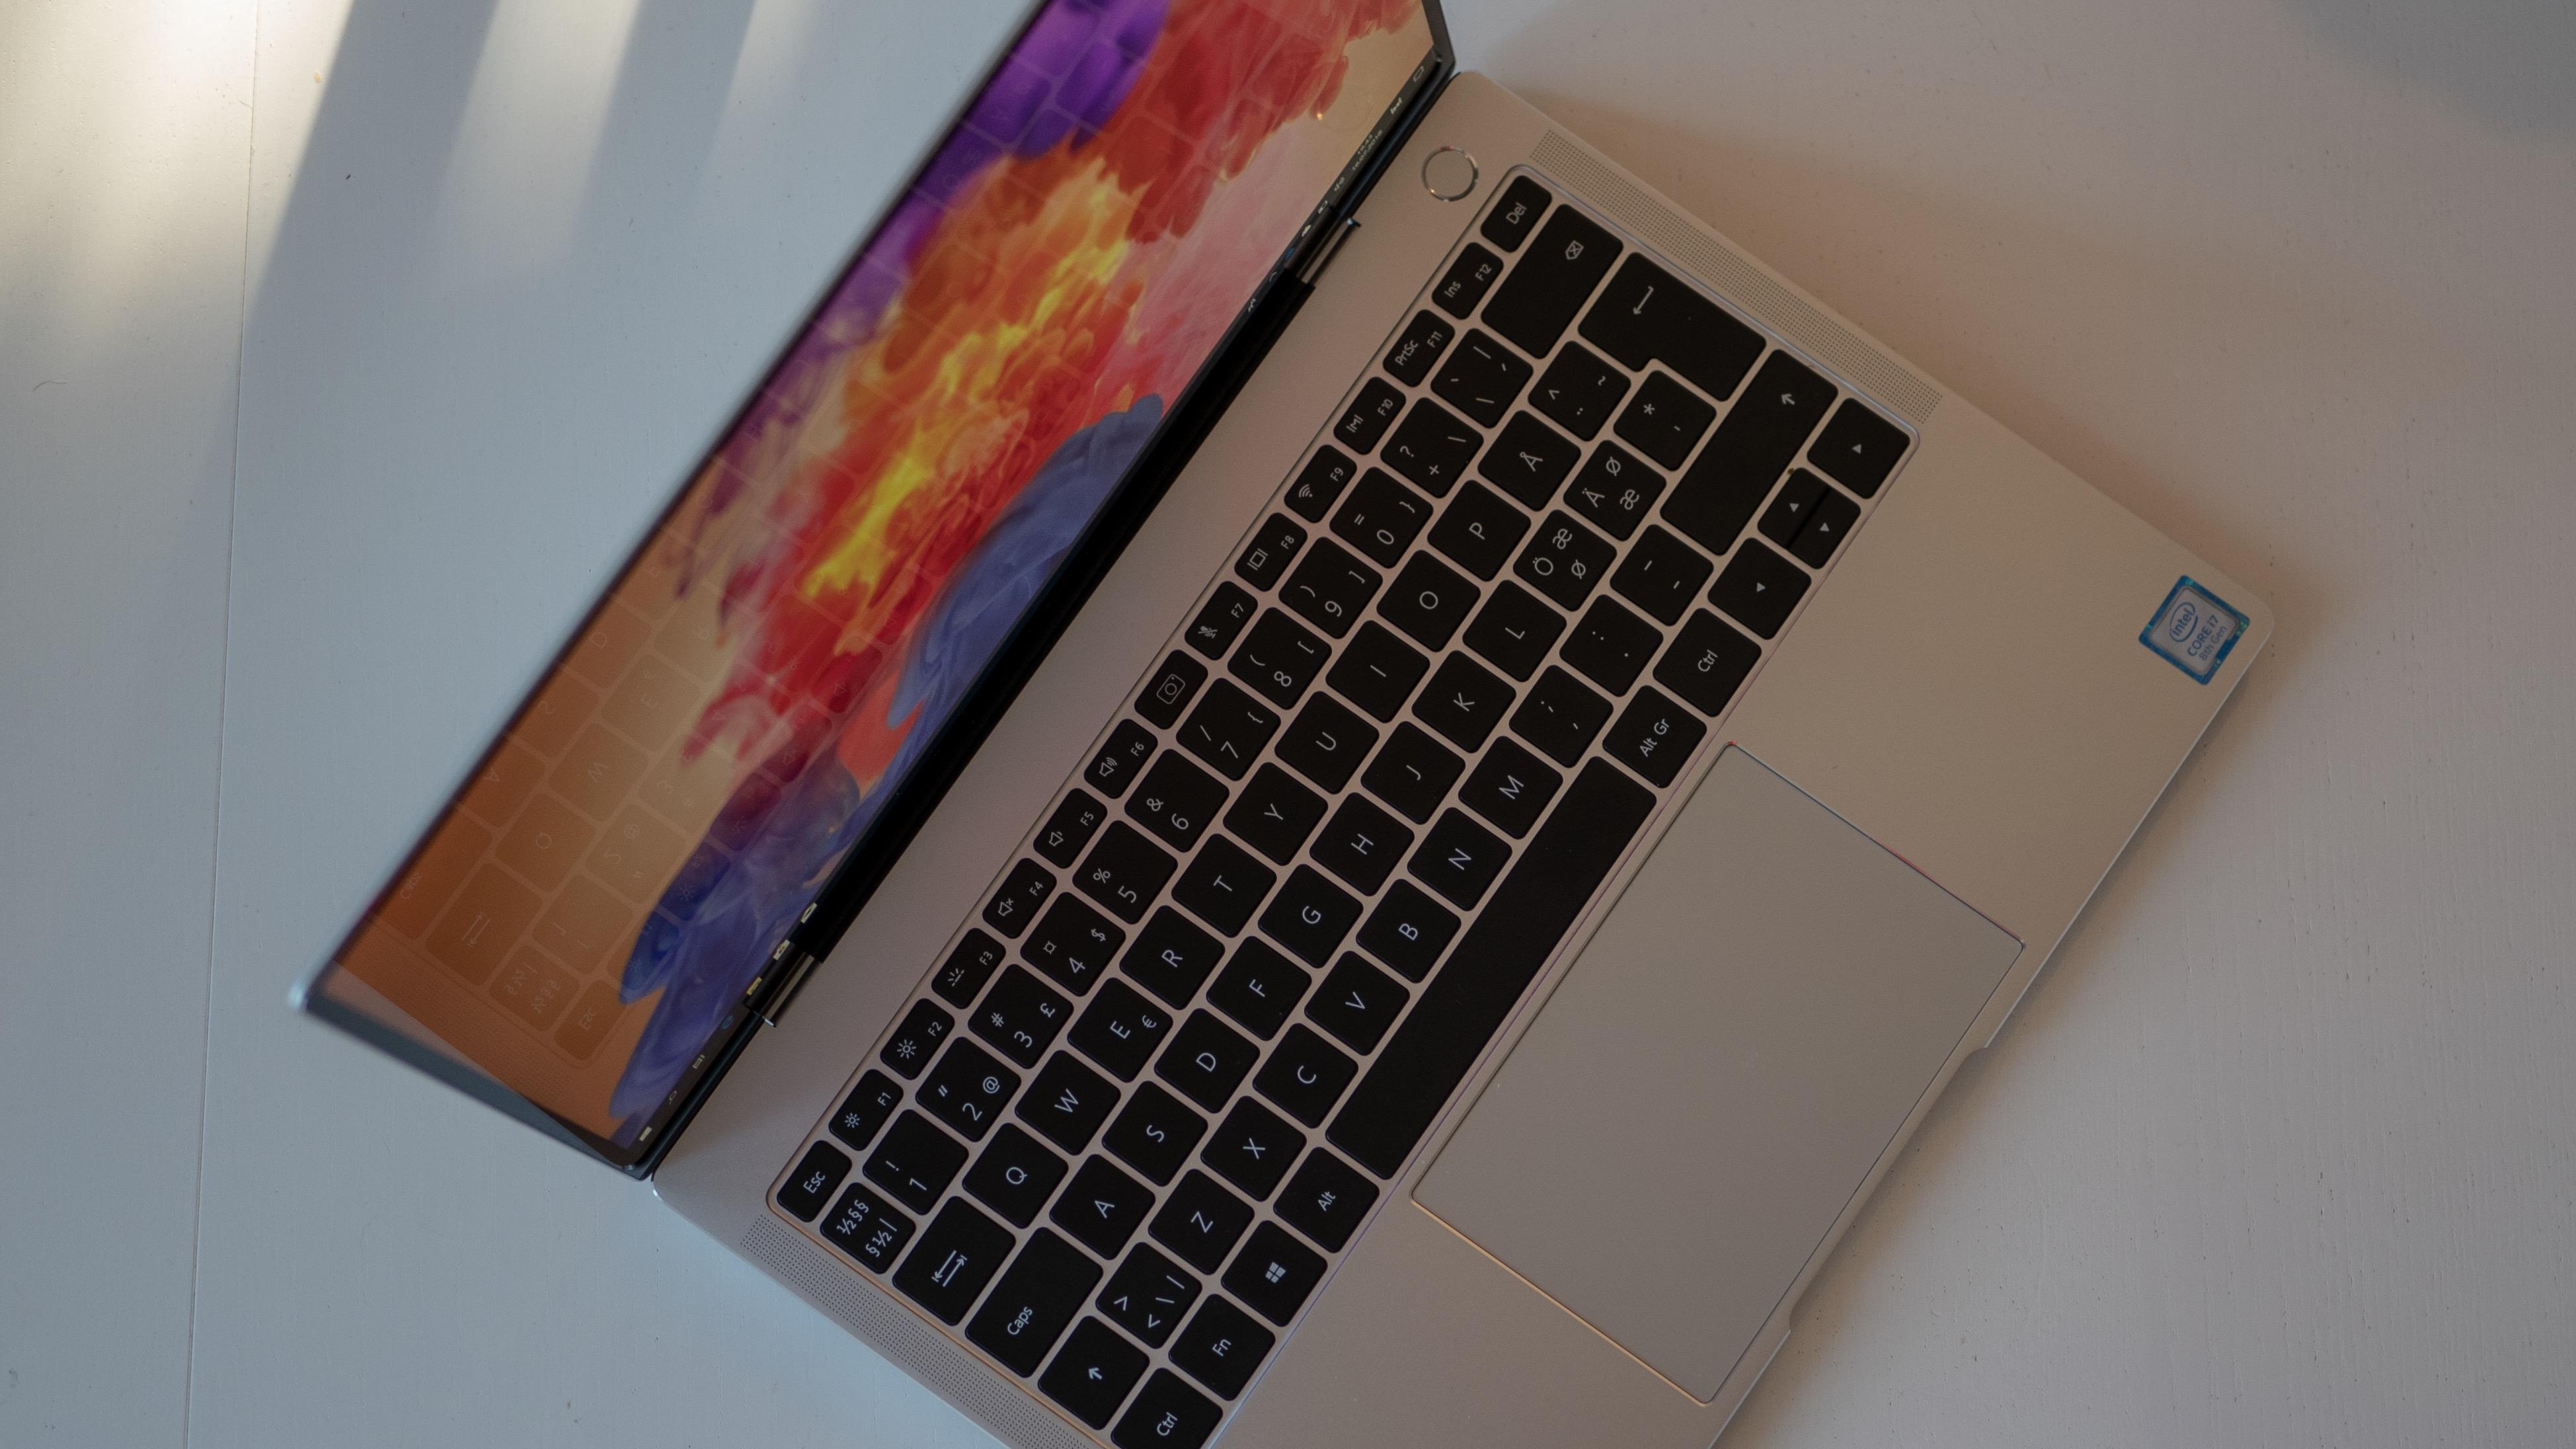 Designmessig har Matebook X Pro mange likheter med MacBook Pro.